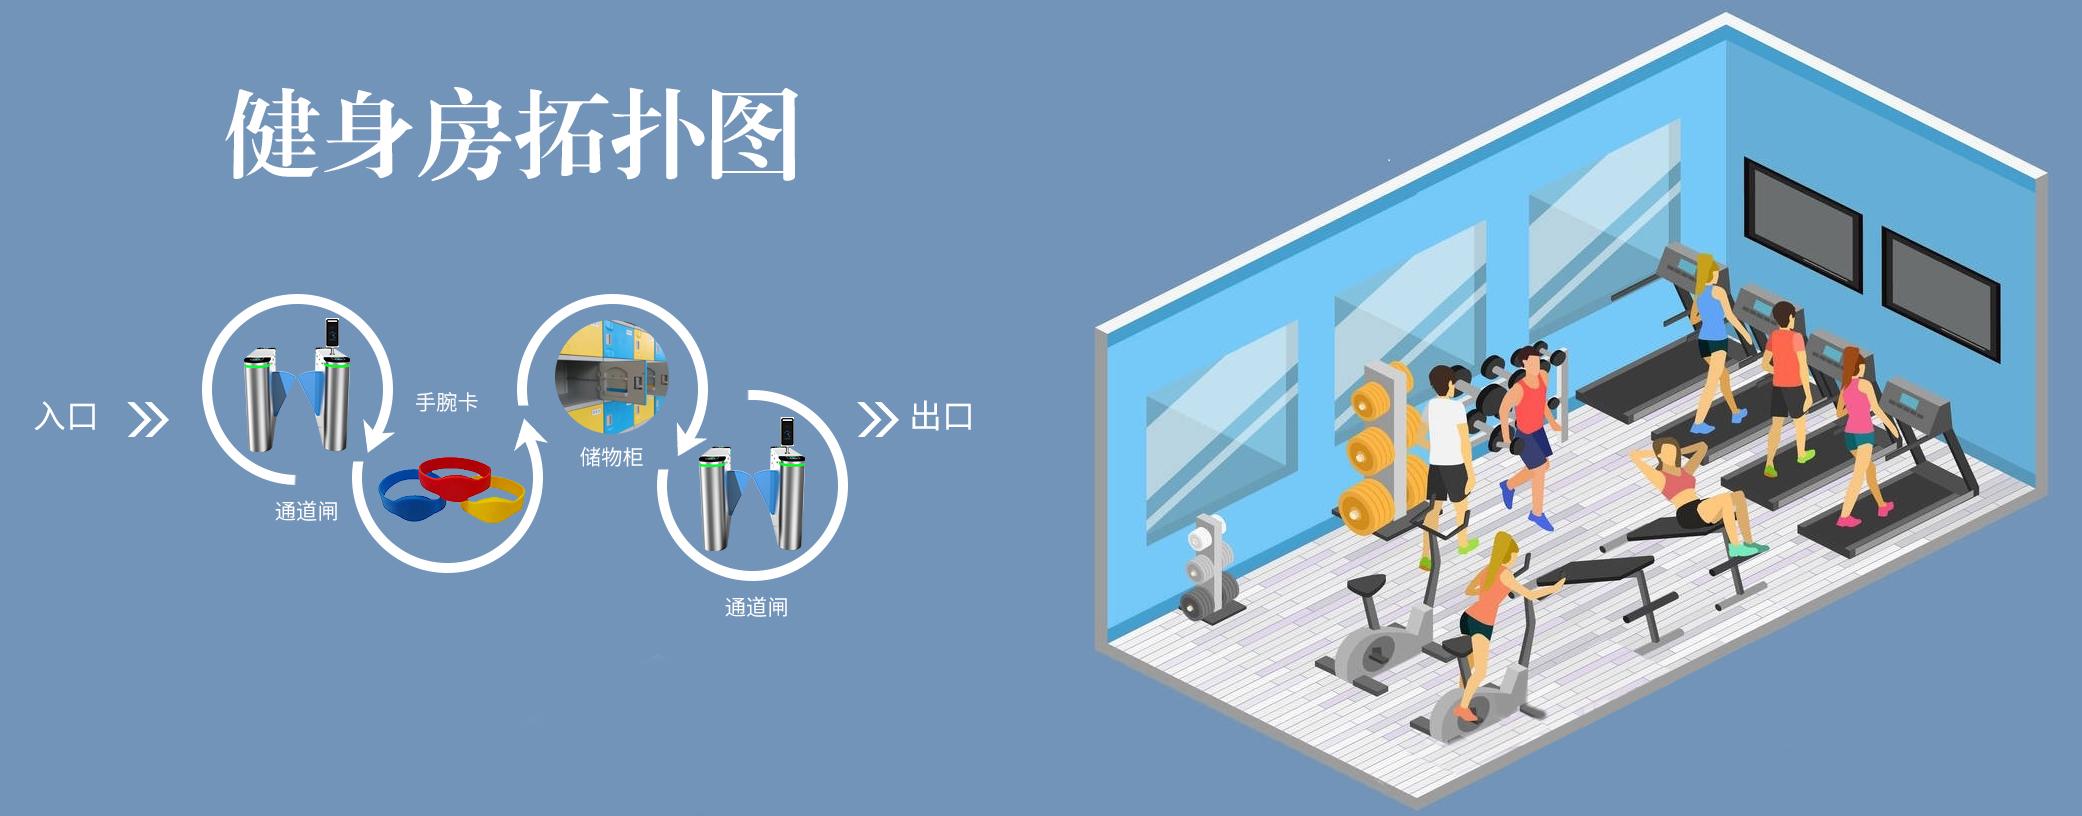 健身房管理系统